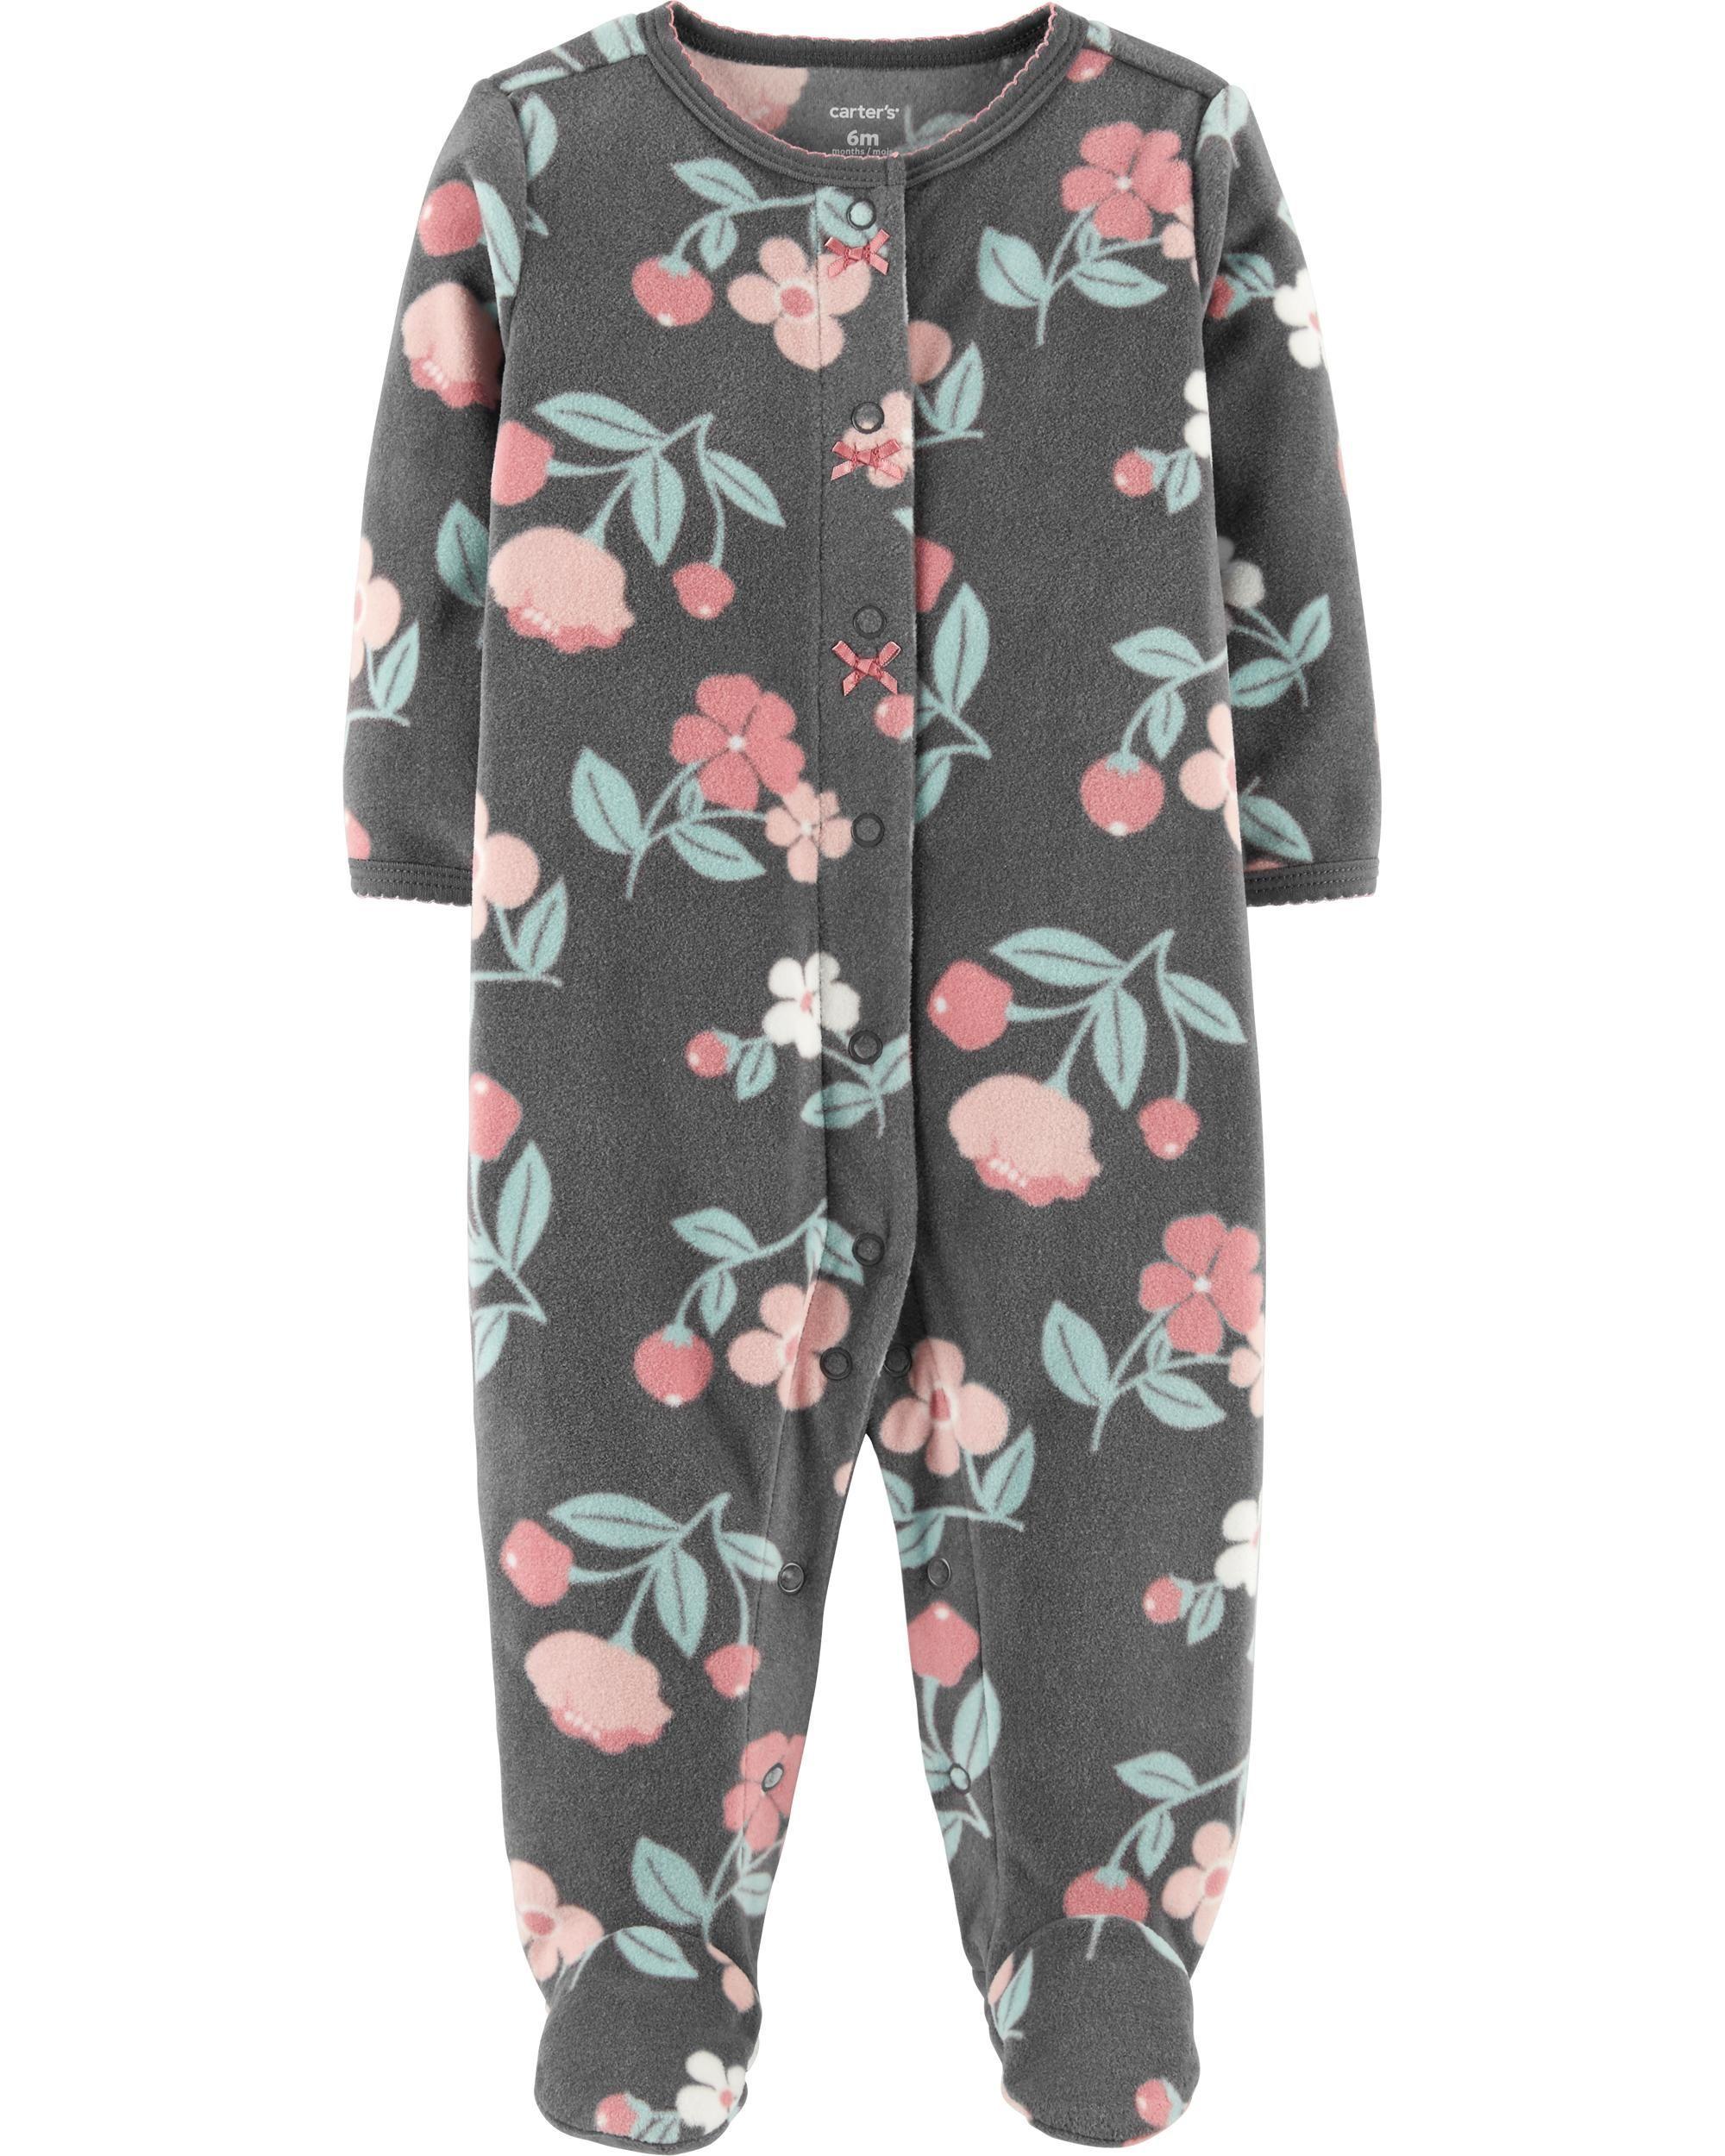 5af2ce3d5aa3 Baby Girl Floral Snap-Up Fleece Sleep   Play